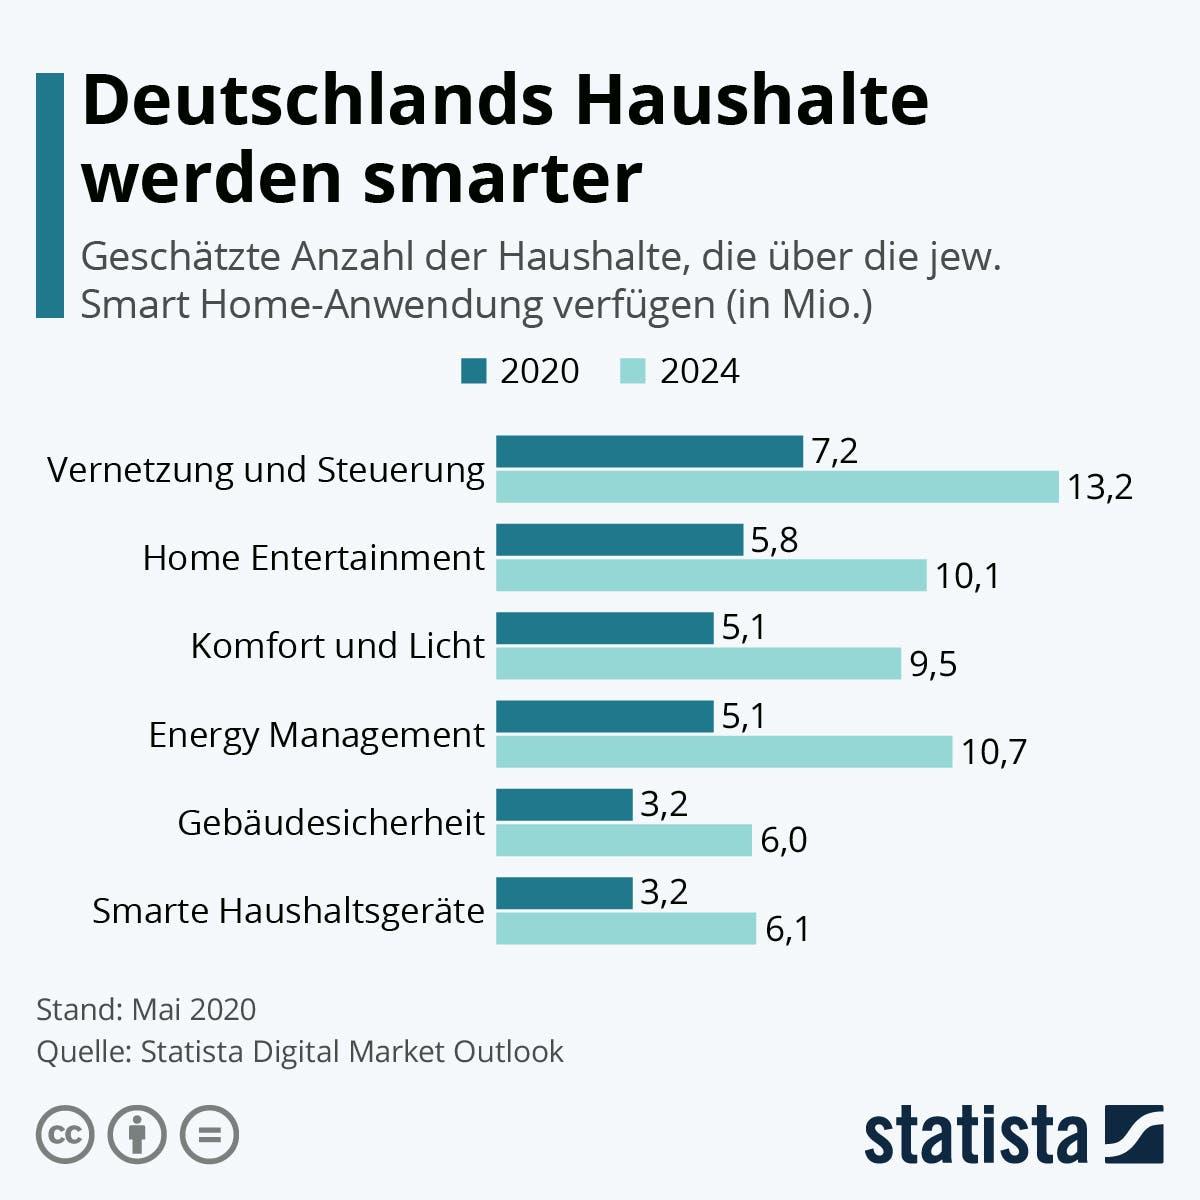 Deutschlands Haushalte werden immer smarter. Die Grafik zeigt die geschätzte Anzahl der Smart-Home-Haushalte in Deutschland